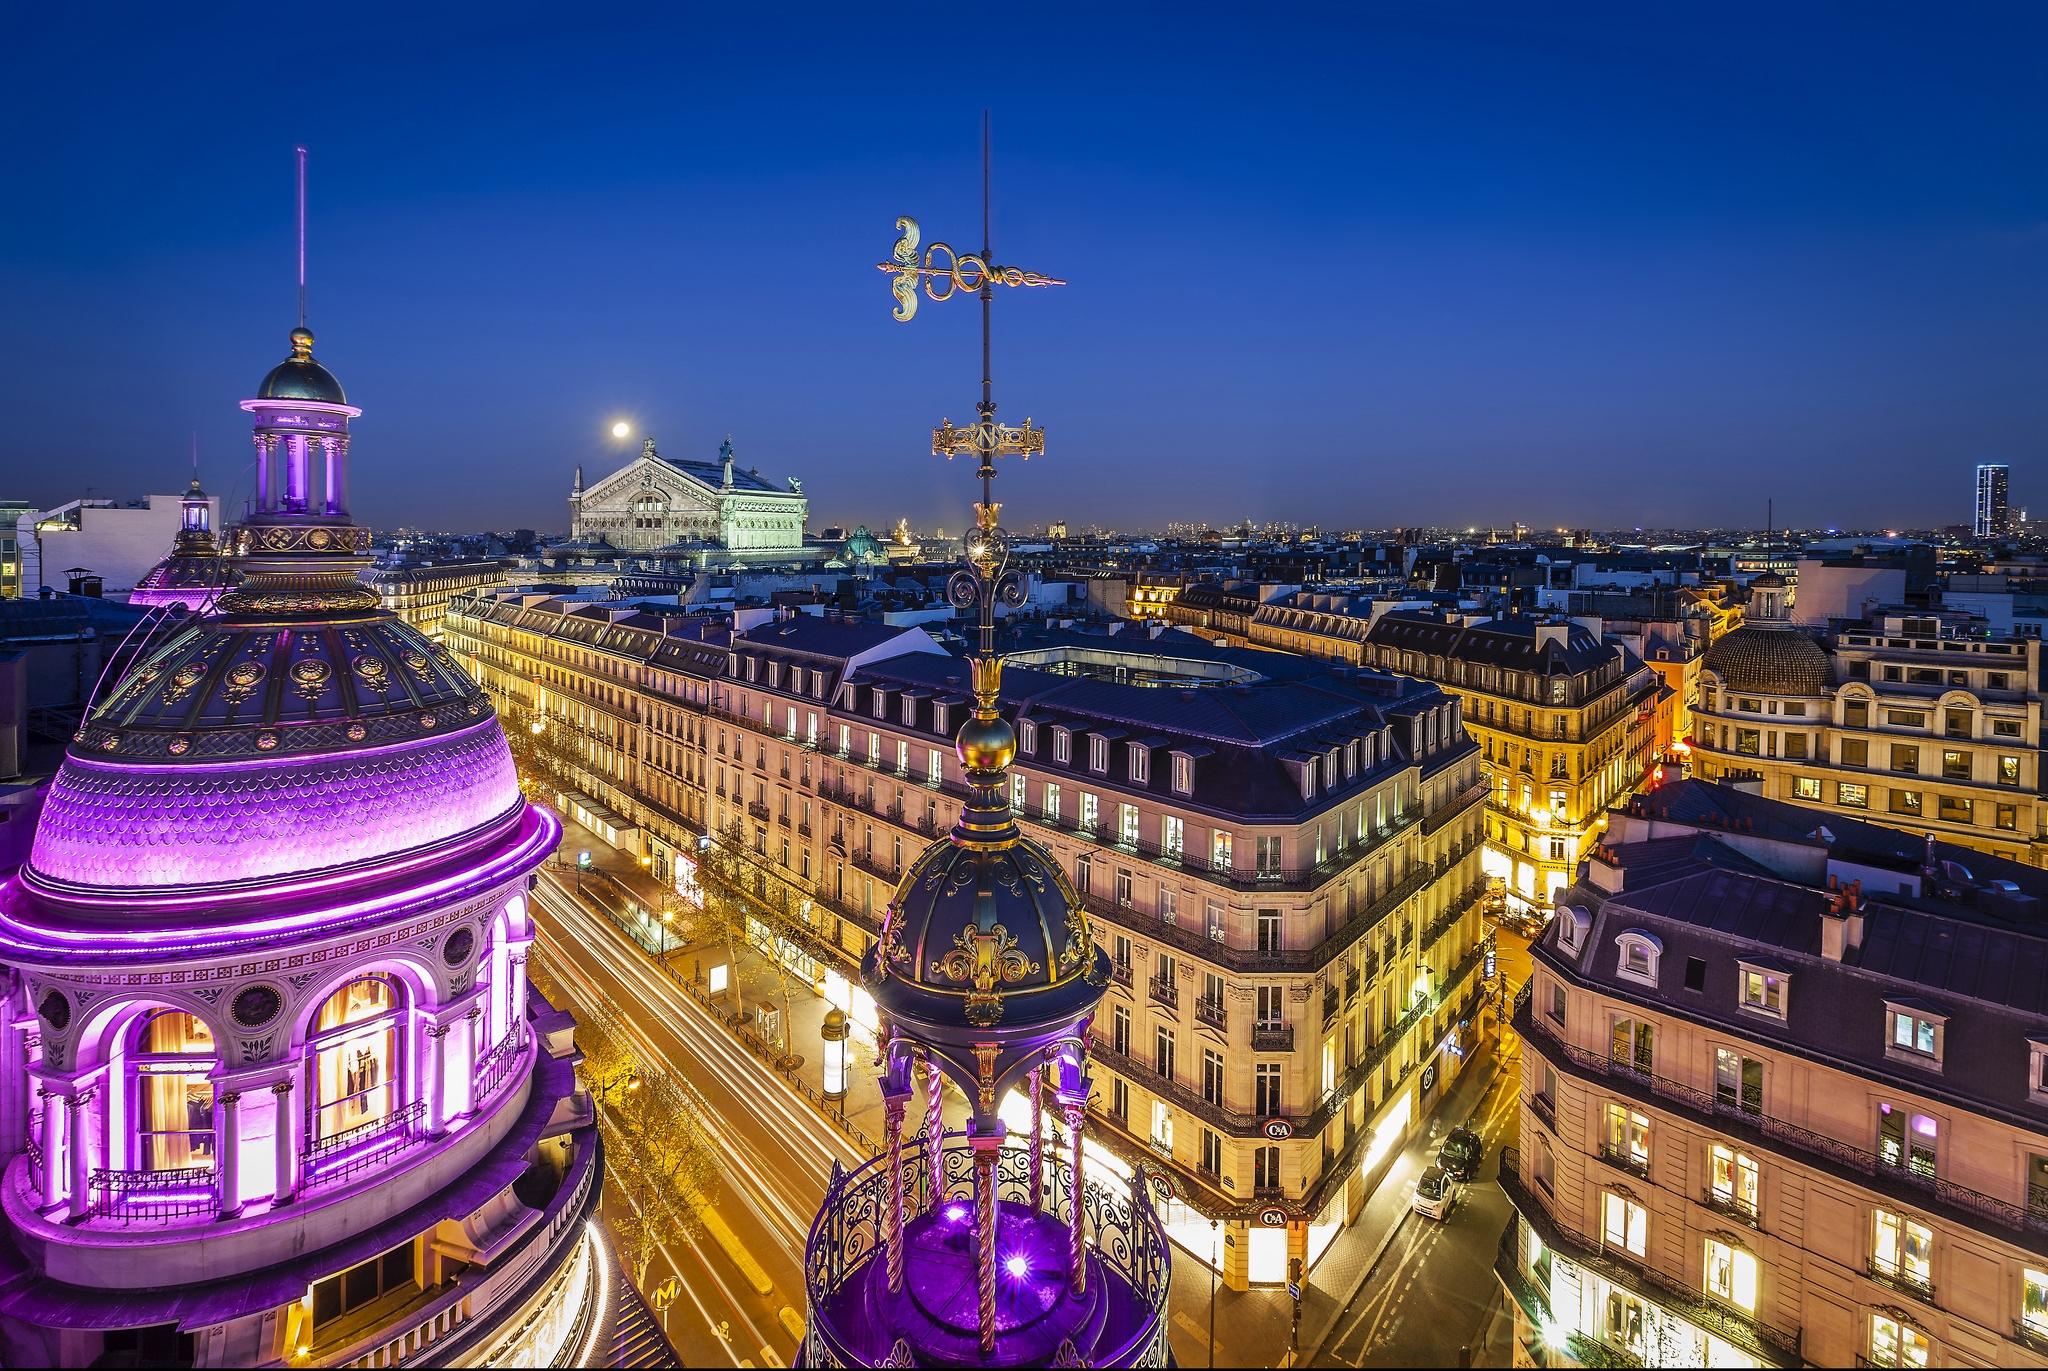 страны архитектура гранд опера париж франция  № 3971708  скачать